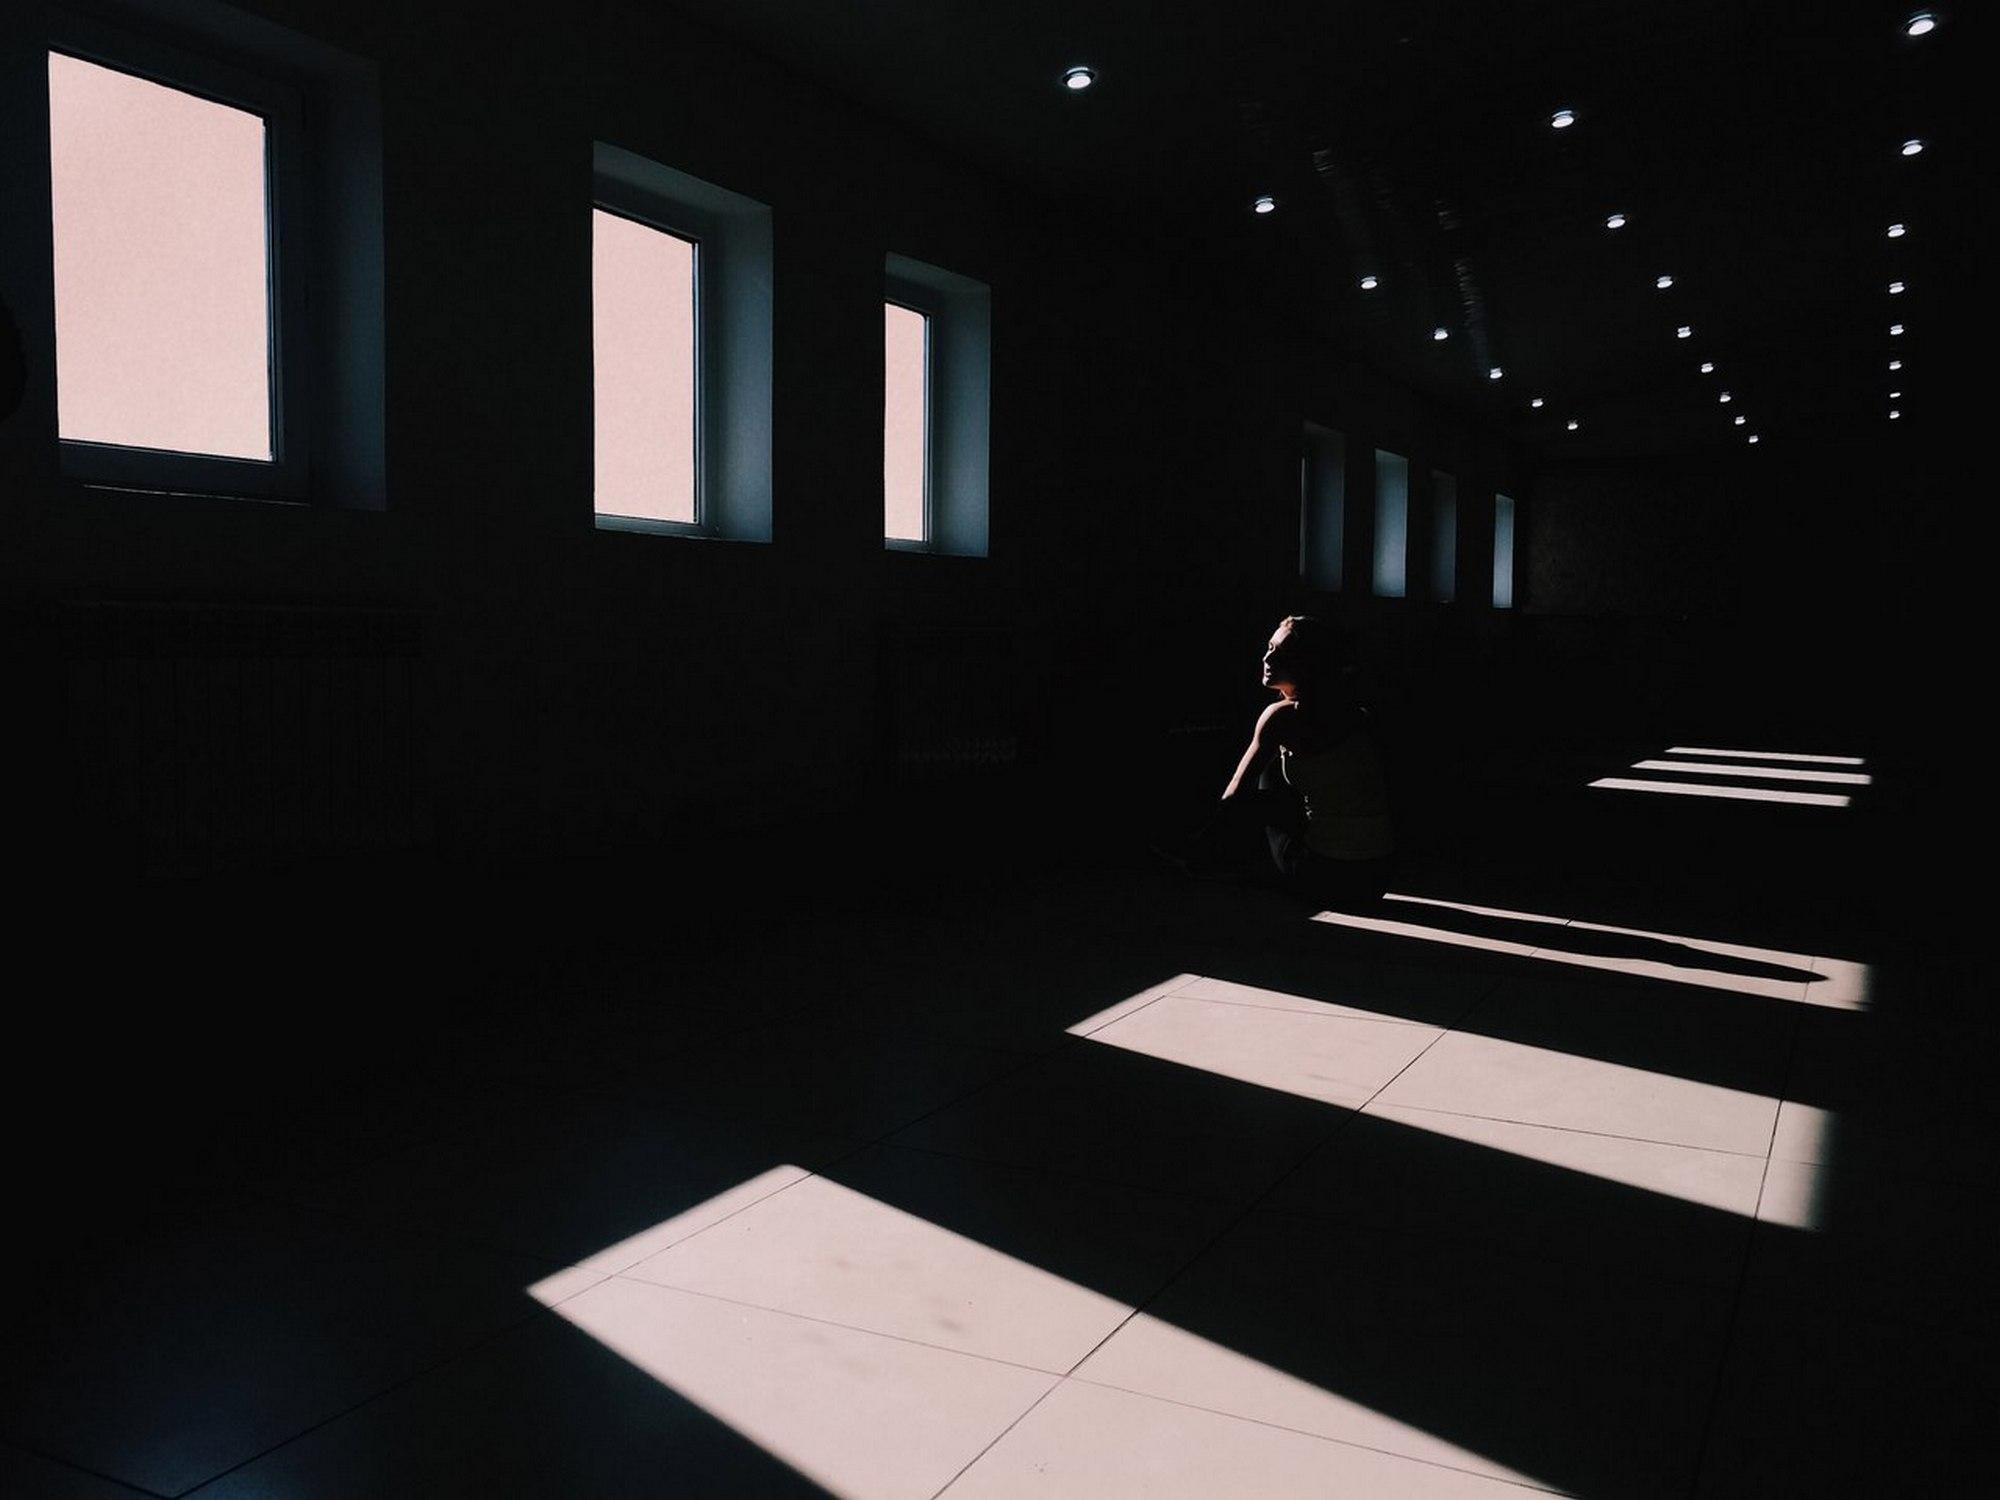 Люди  Илья Новиков: в моей жизни, как и в фотографии, самые крутые вещи происходят спонтанно